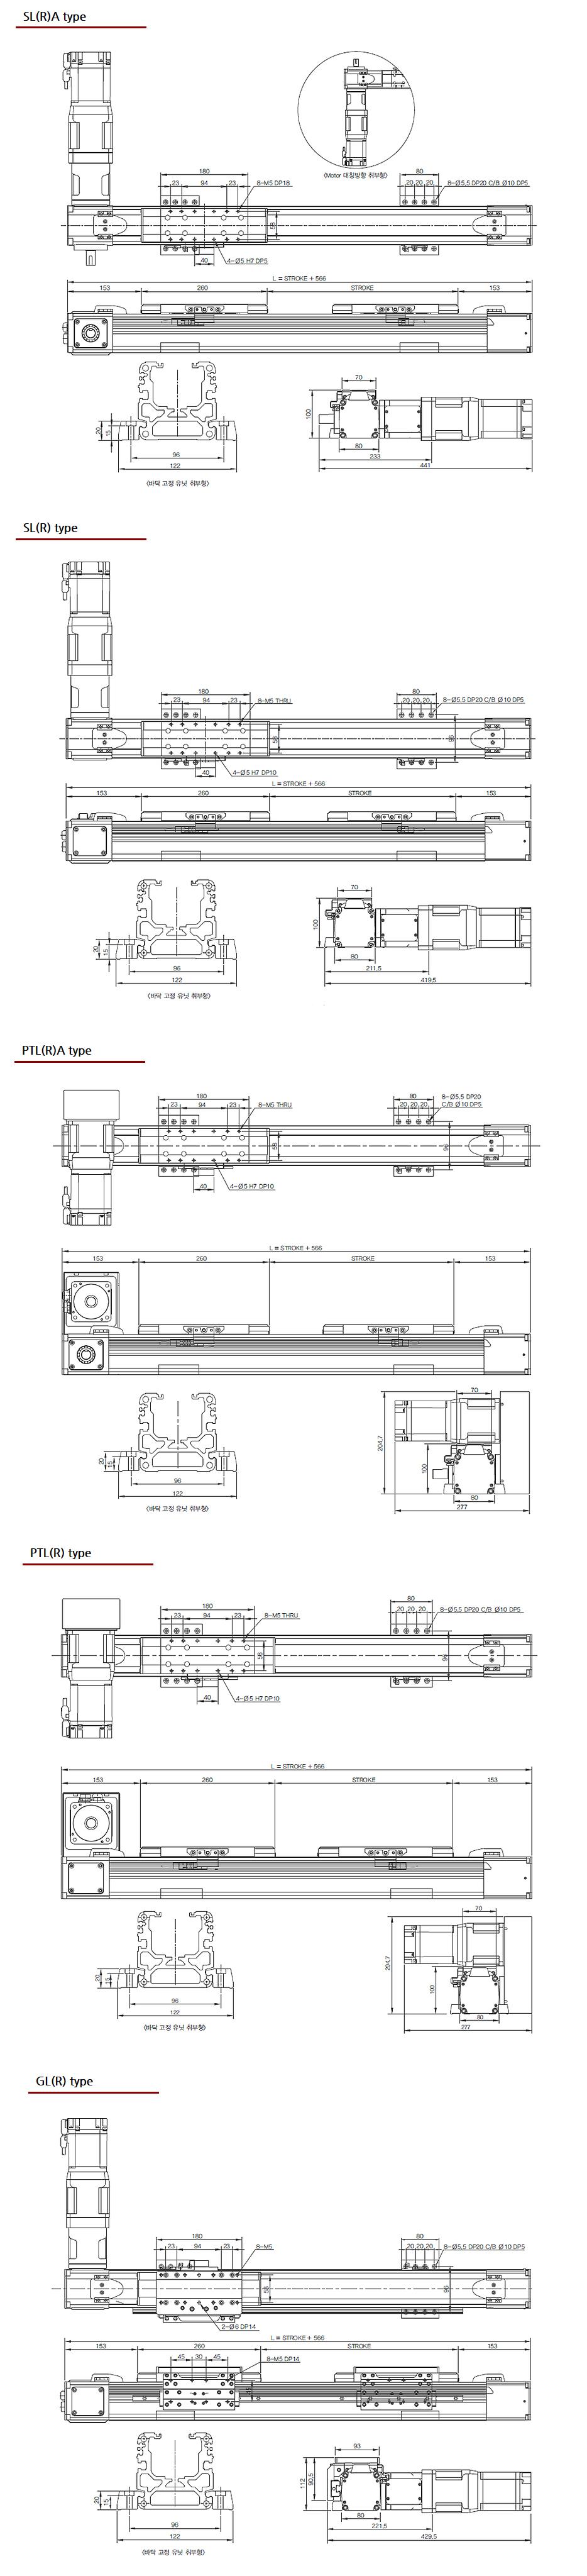 SOLTECH Clean Belt Type CBT80